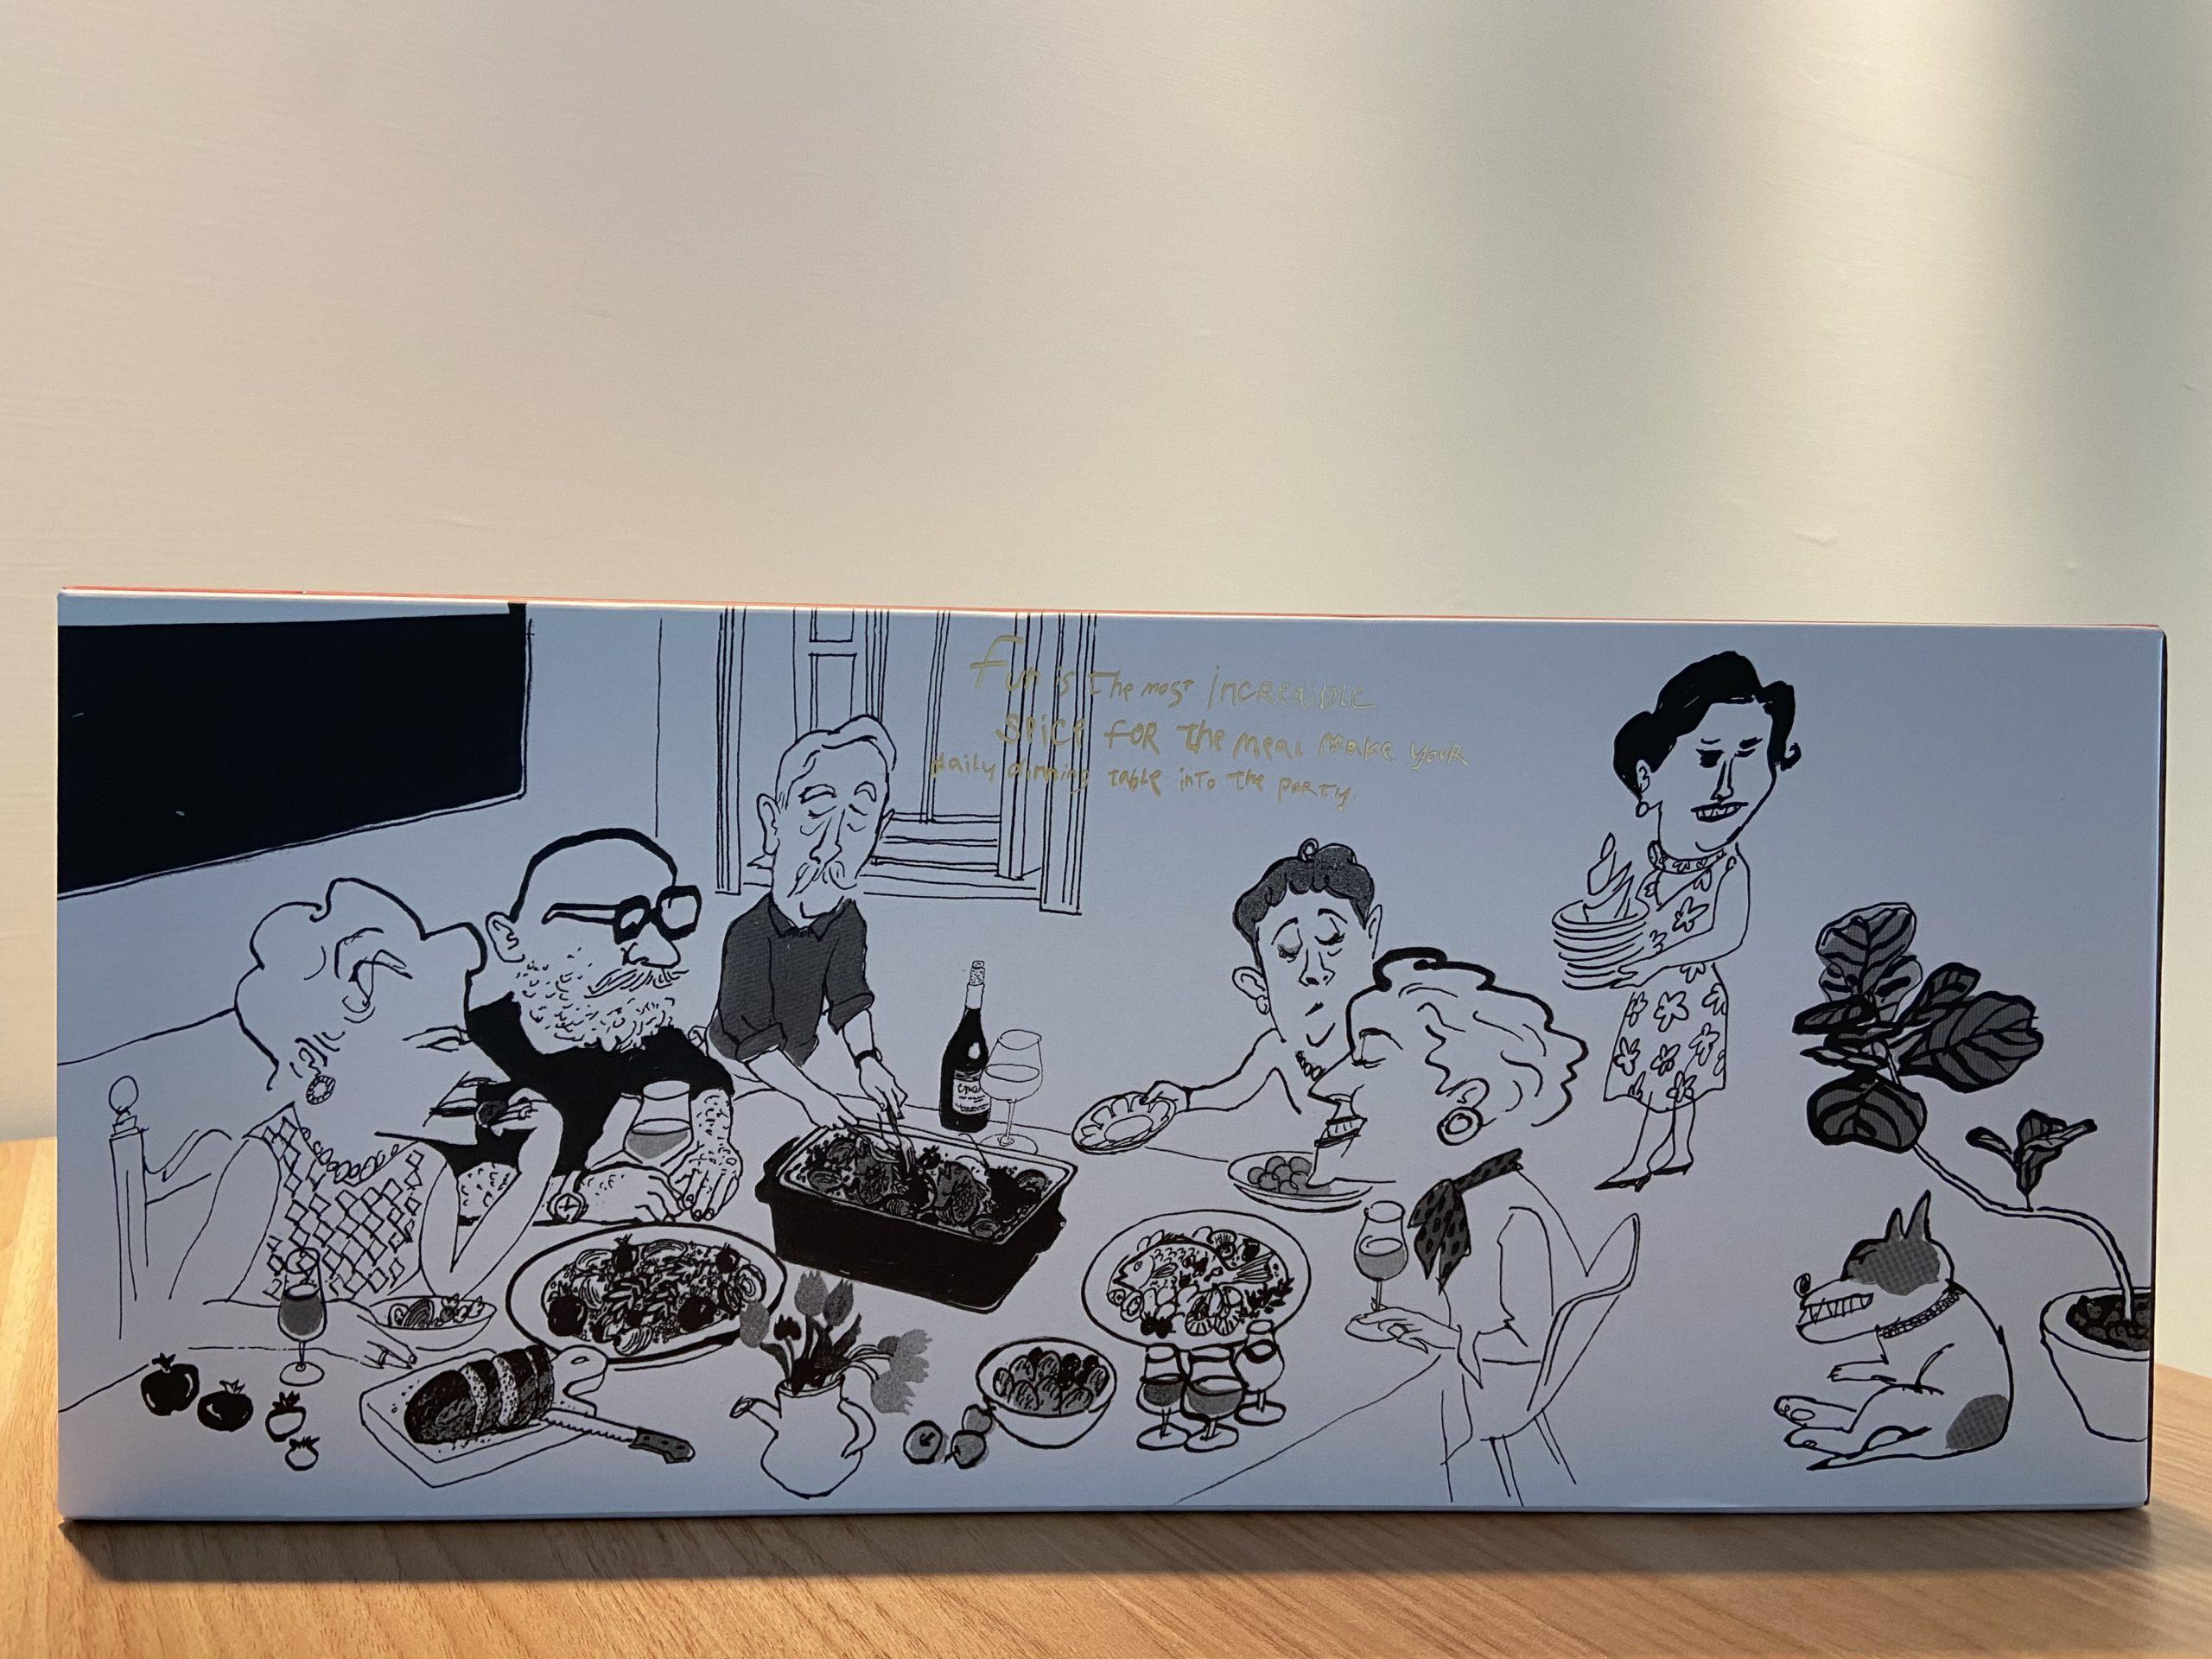 日本 BRUNO 電烤盤-盒裝外型插畫